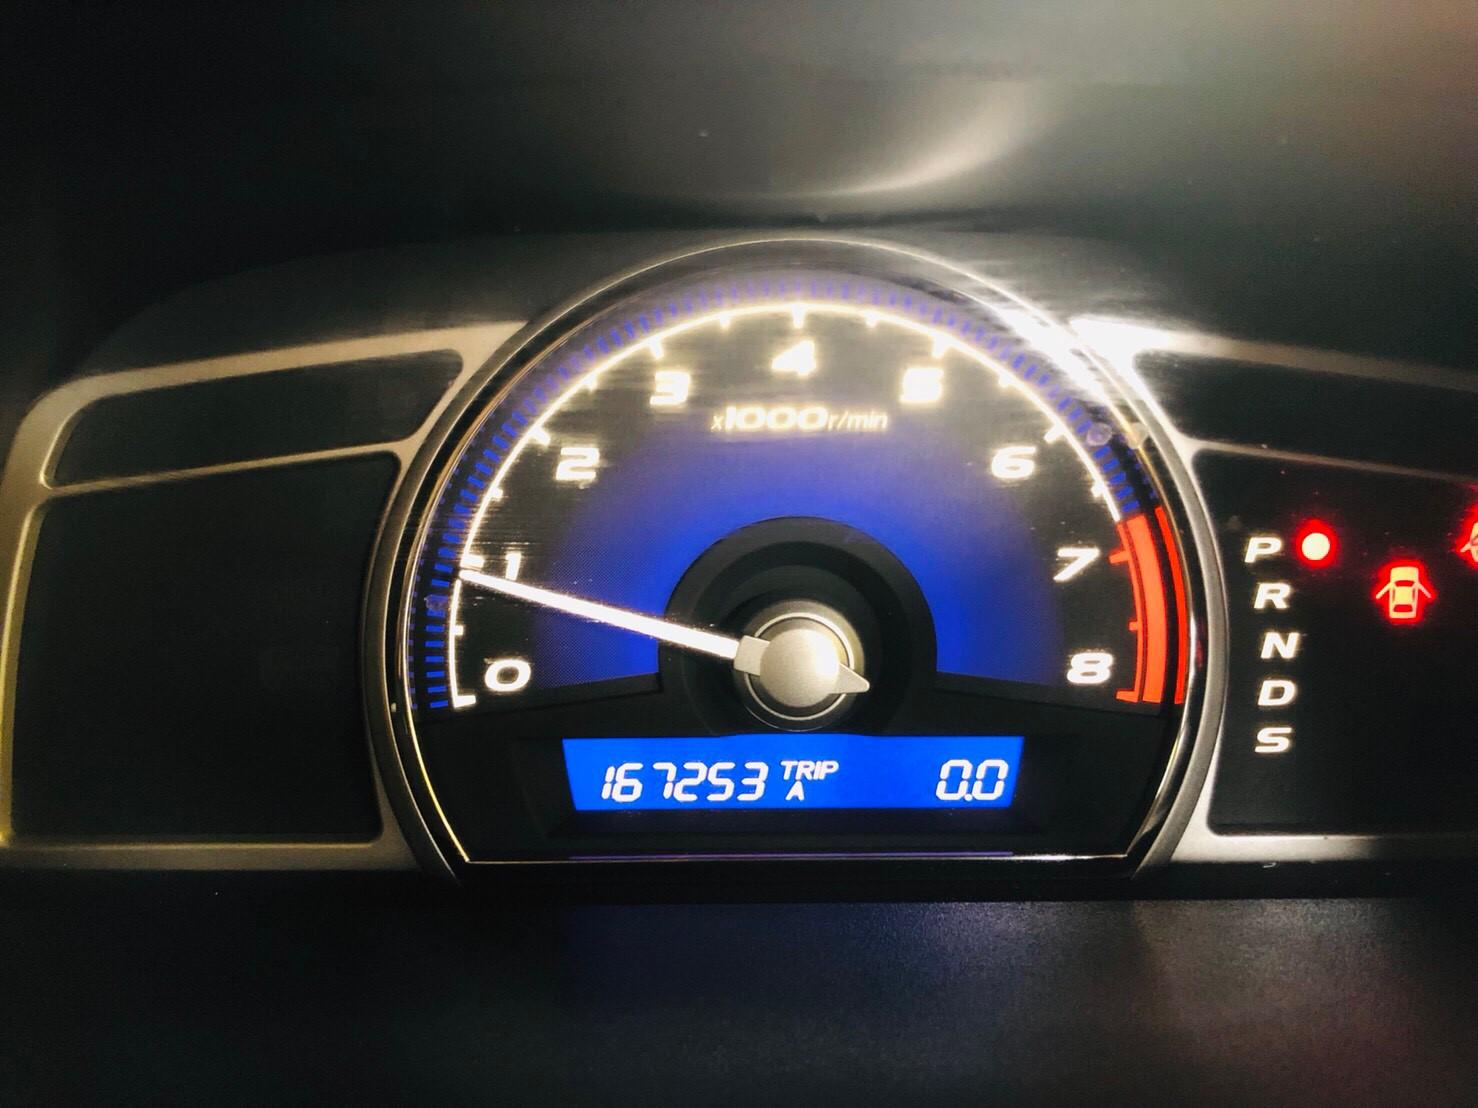 ภาพหน้าปัดเลขไมล์ ฮอนด้า ซีวิค 2.0 EL ปี 2006